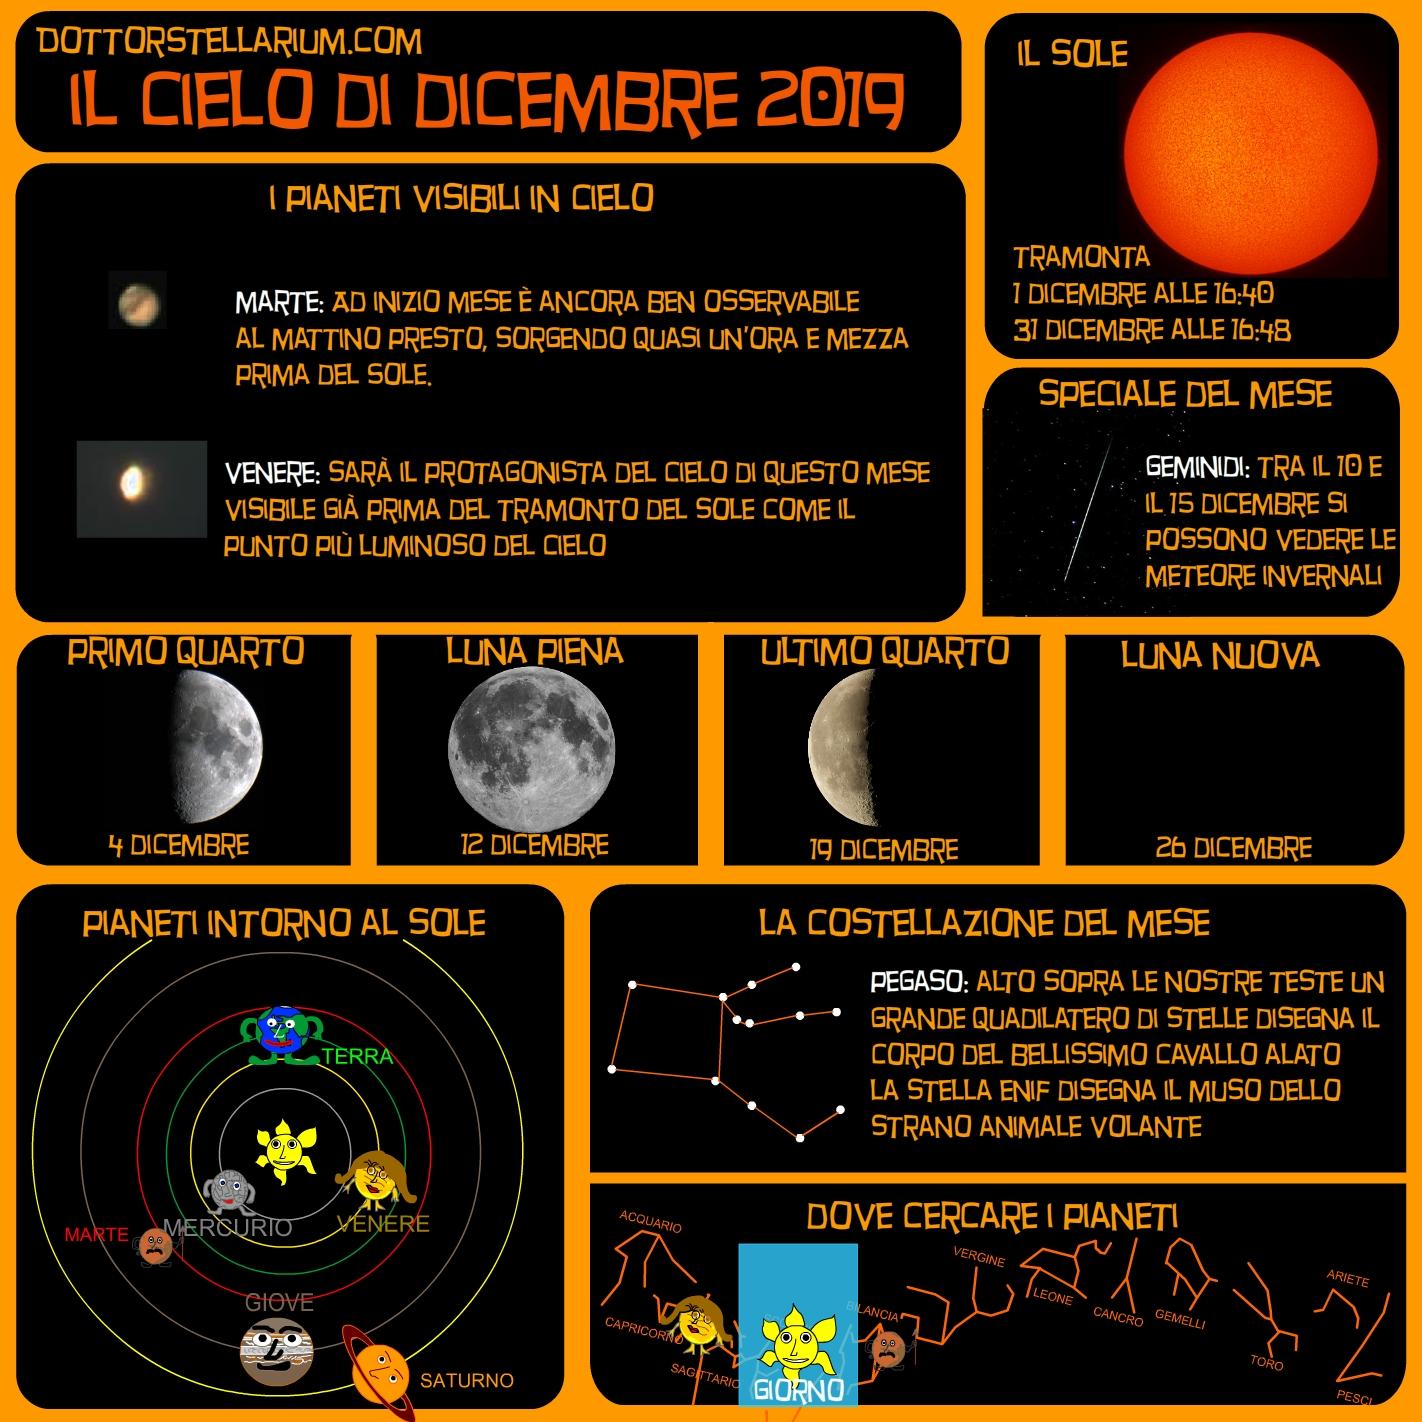 CIELO201912